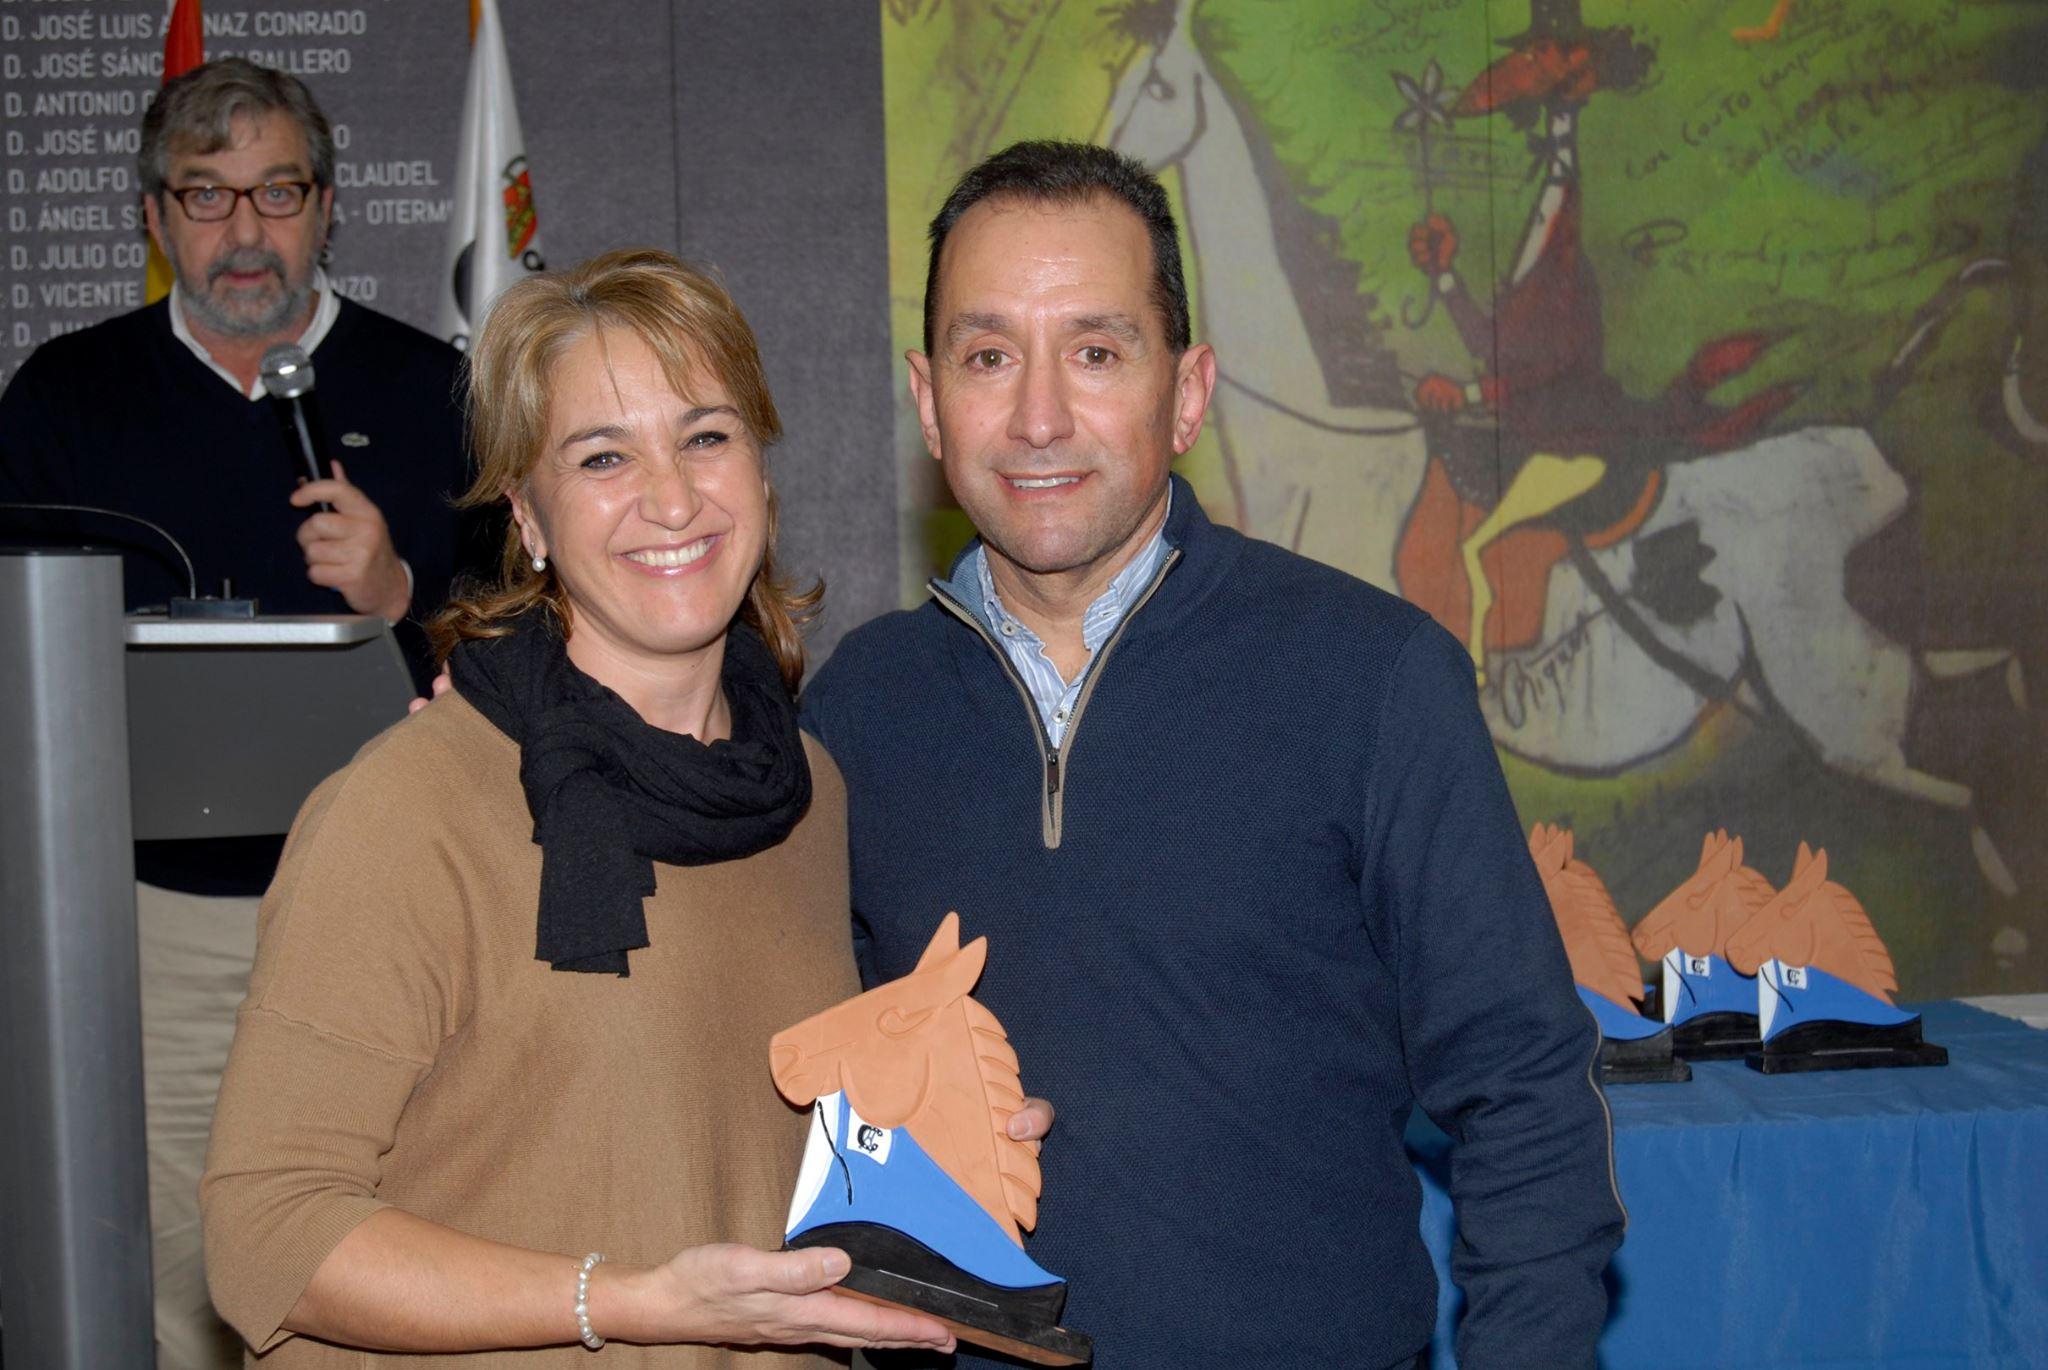 Entrega de premios de los campeonatos sociales 2